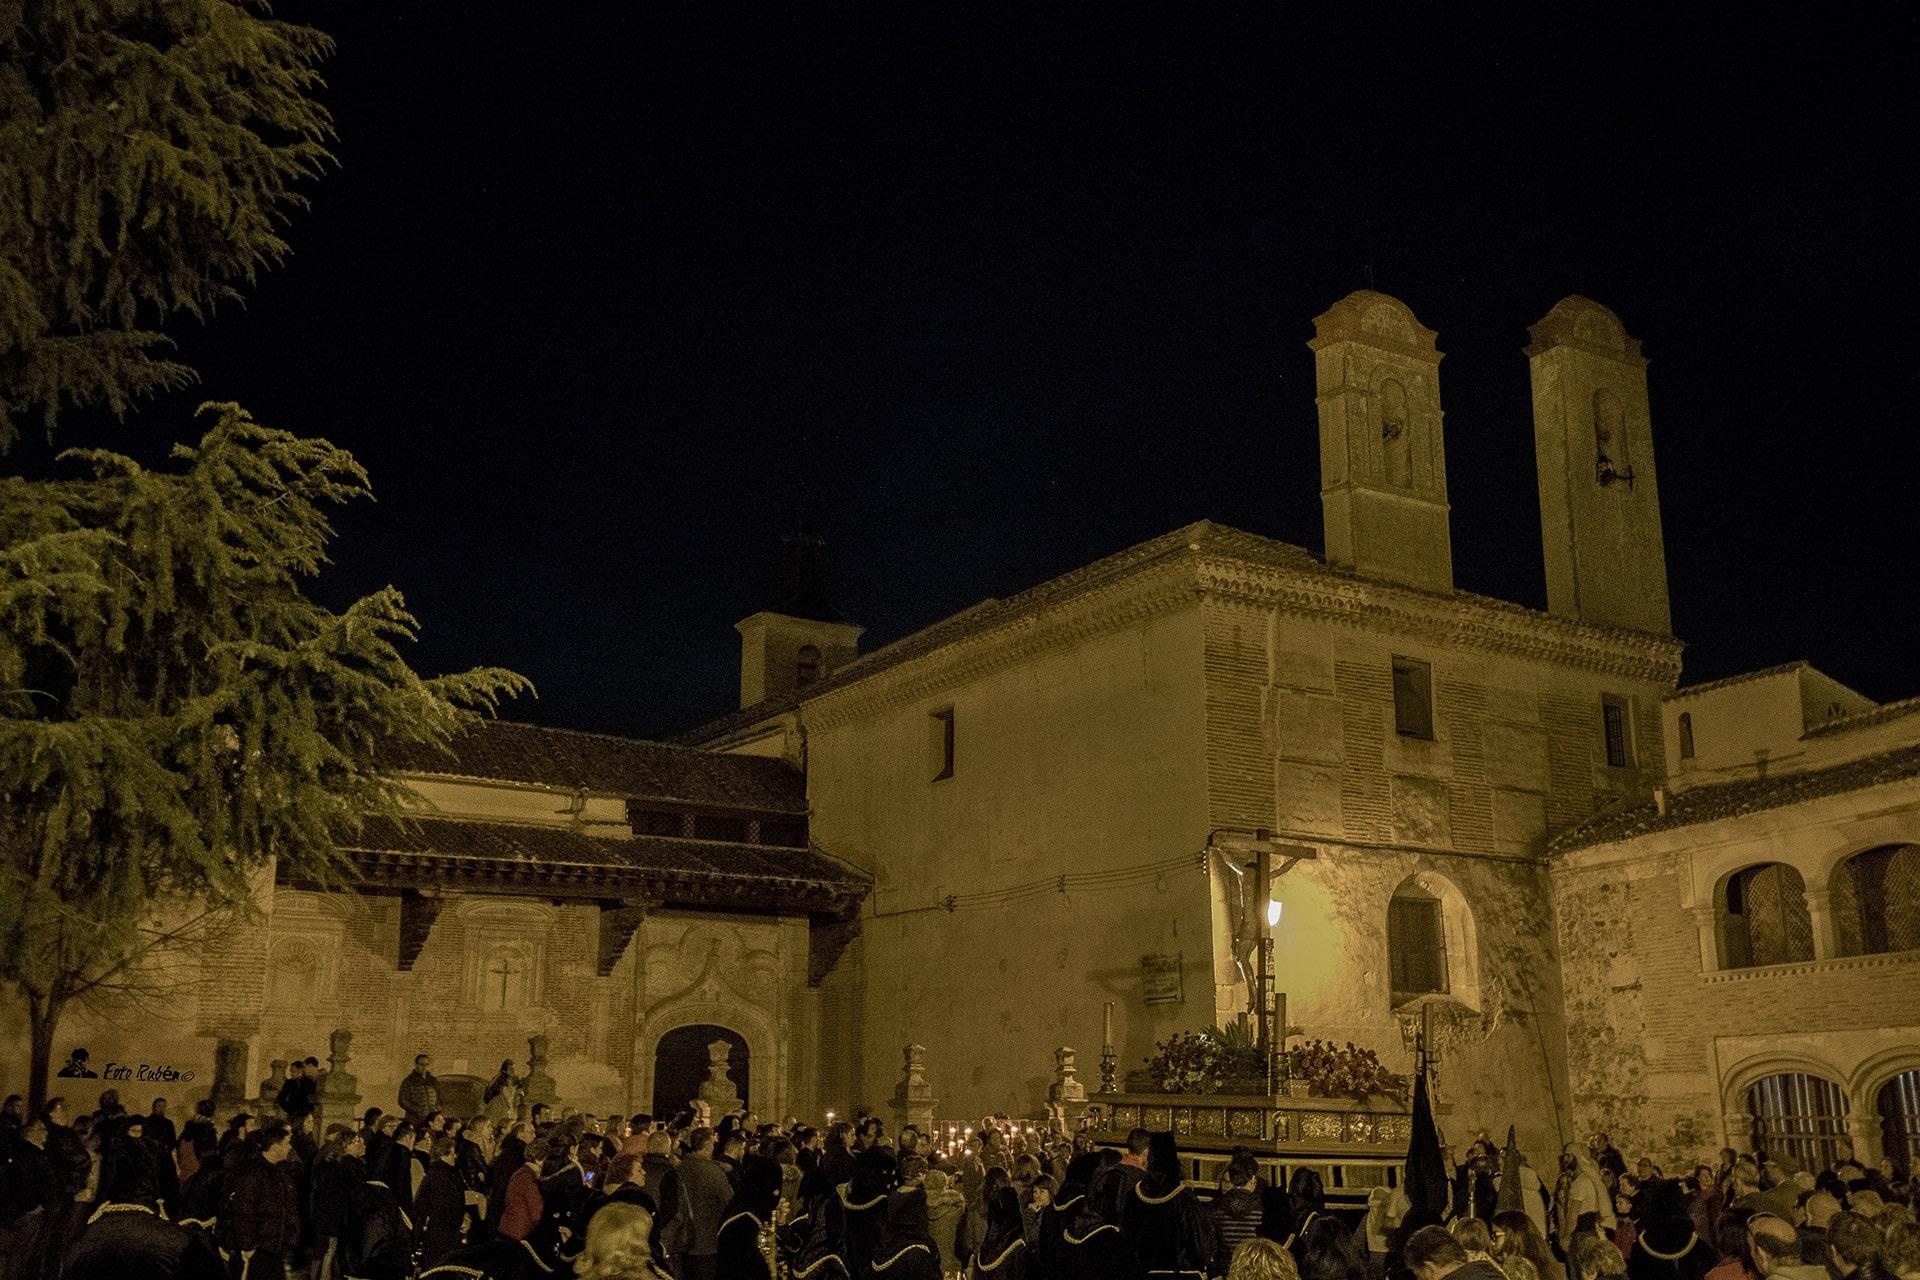 Procesión y Oración de los Cinco Misterios, Segovia 2